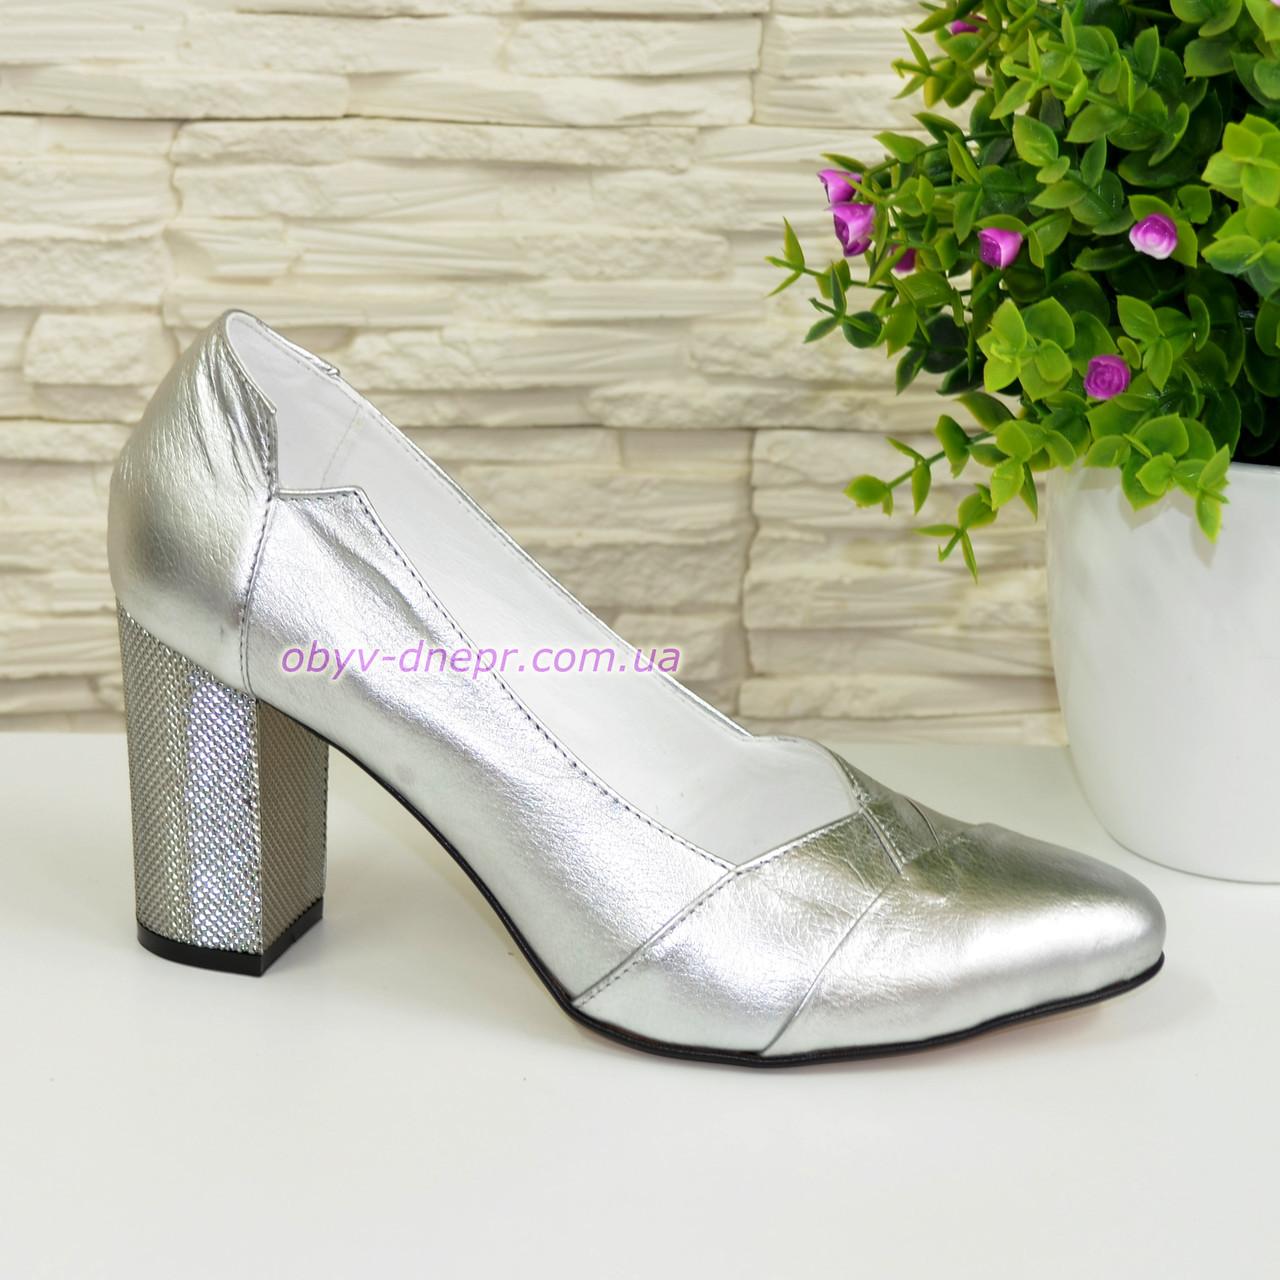 Туфли женские классические на устойчивом каблуке, цвет серебро